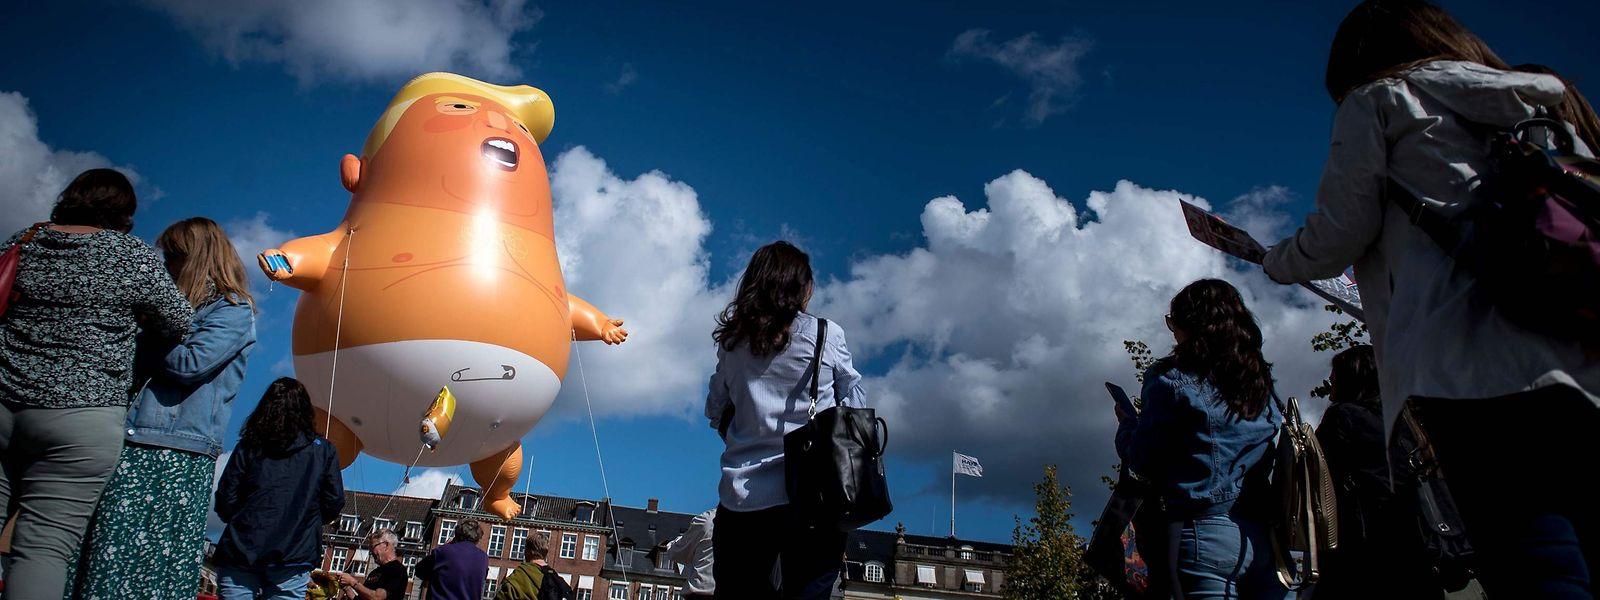 Même absent, Trump fait encore parler de lui au Danemark.